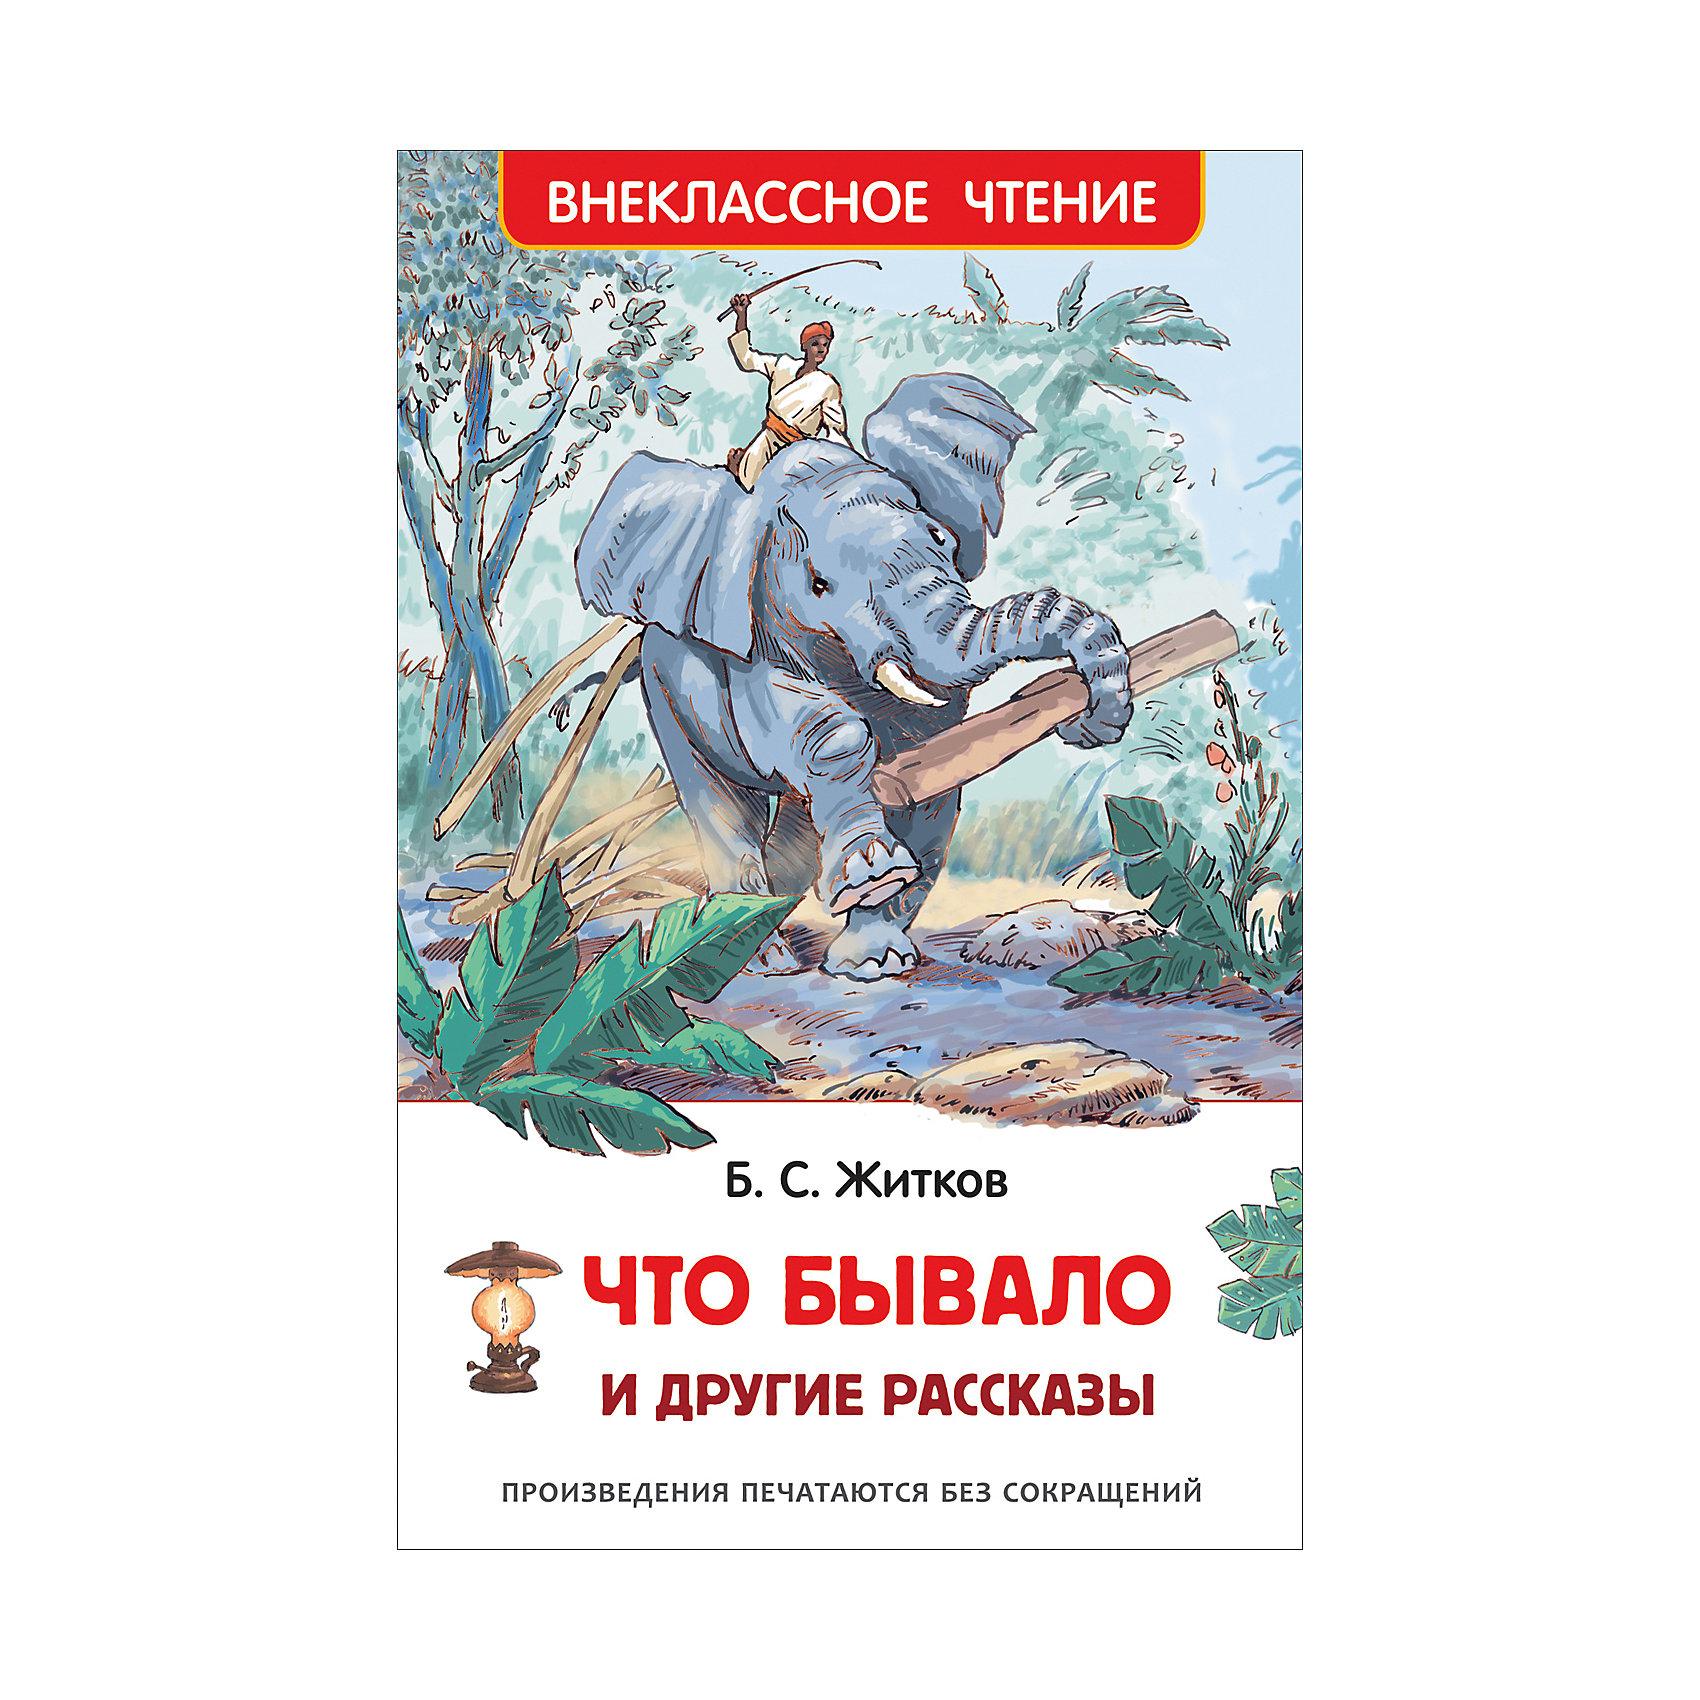 Росмэн Что бывало и другие рассказы, Б. Житков б д сурис фронтовой дневник дневник рассказы